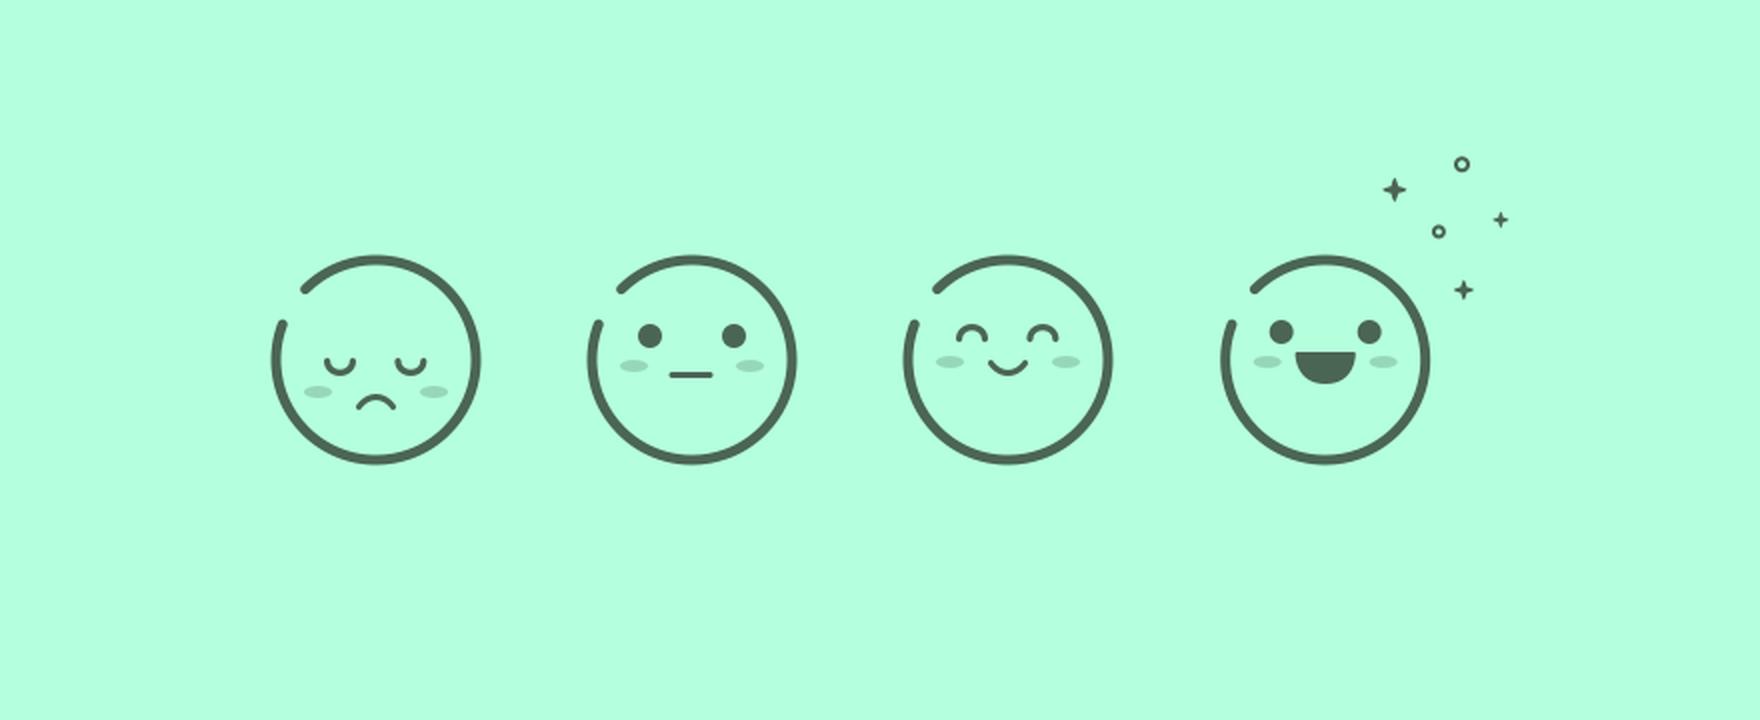 Comment Utiliser Correctement Les Smileys Et Les Emoticones Dans La Communication Professionnelle